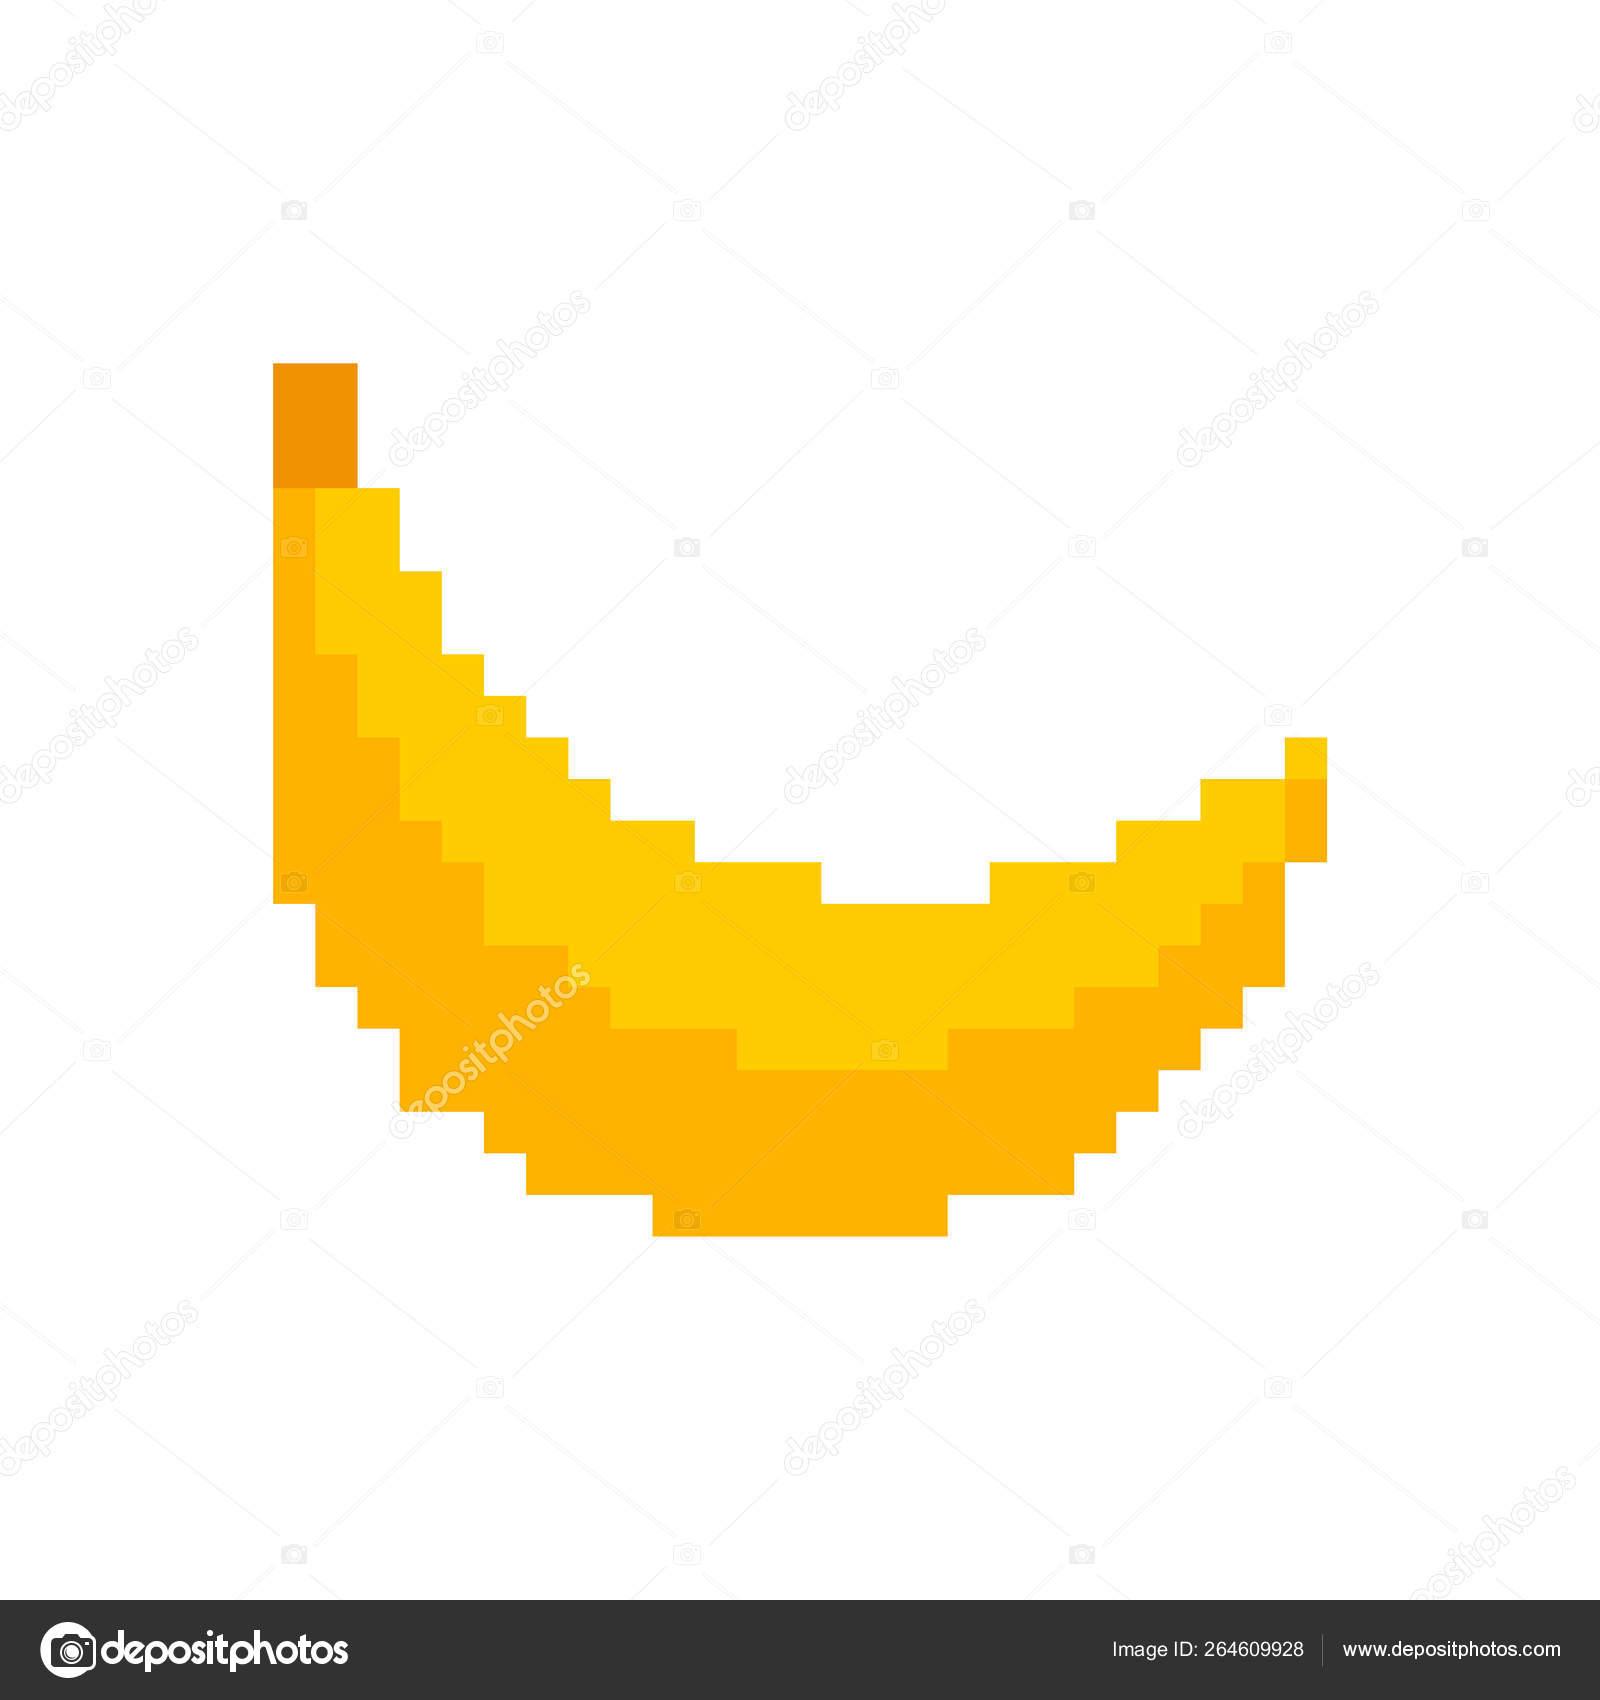 Pixel Banana 8 Bit Banana Pixel Art Fruit Pixelated Old Game Graphics 8 Bit Big Stock Vector C Maryvalery 264609928